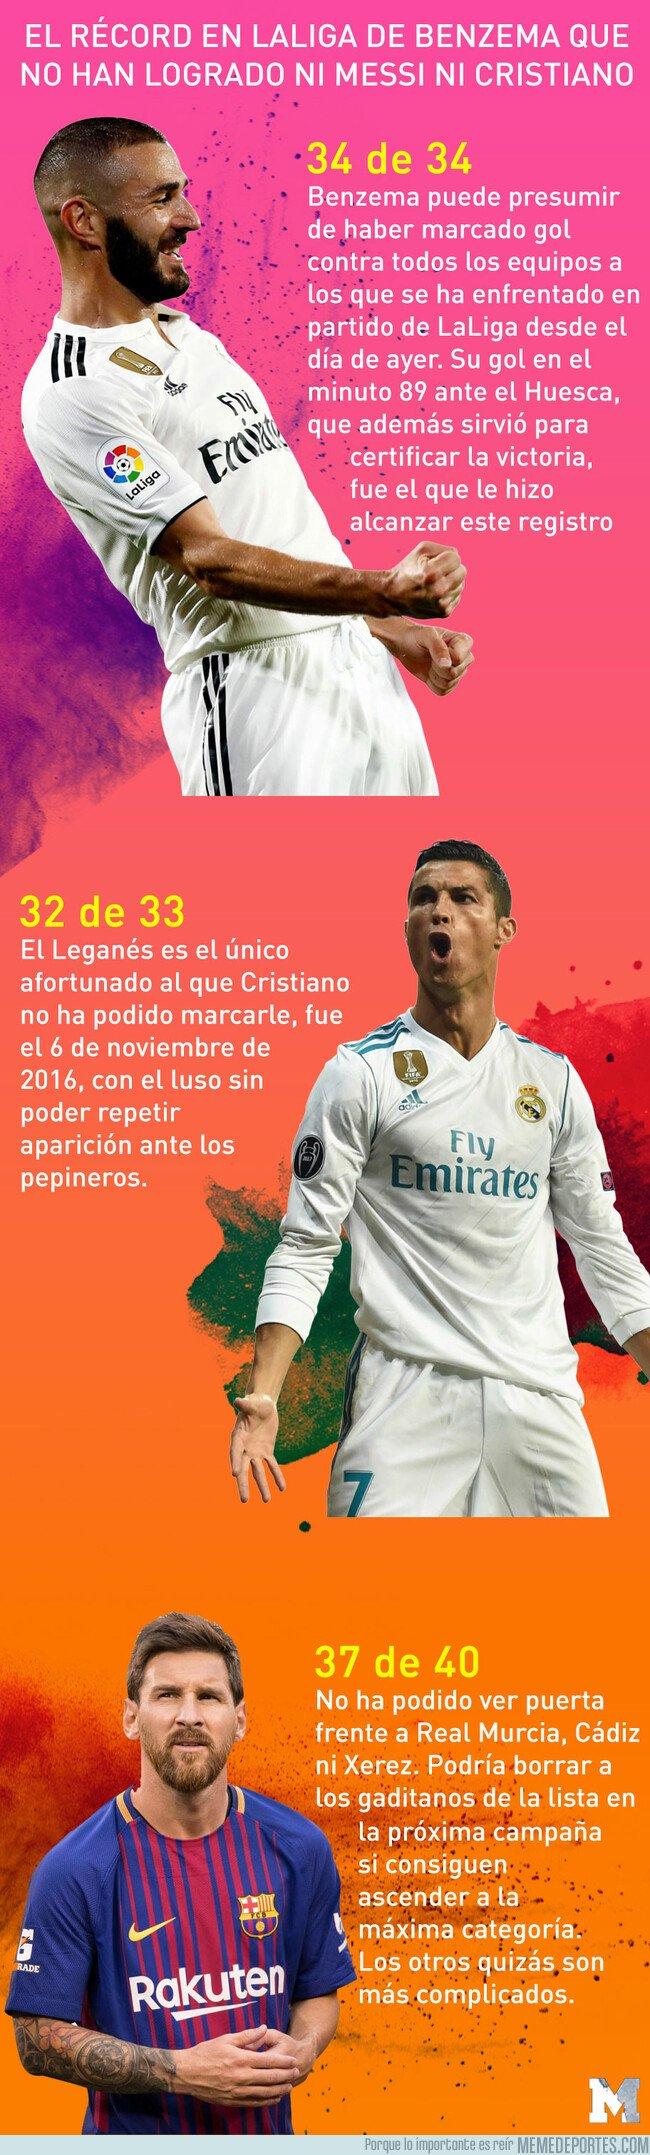 1070066 - El récord en LaLiga de Benzema que no han logrado ni Messi ni Cristiano